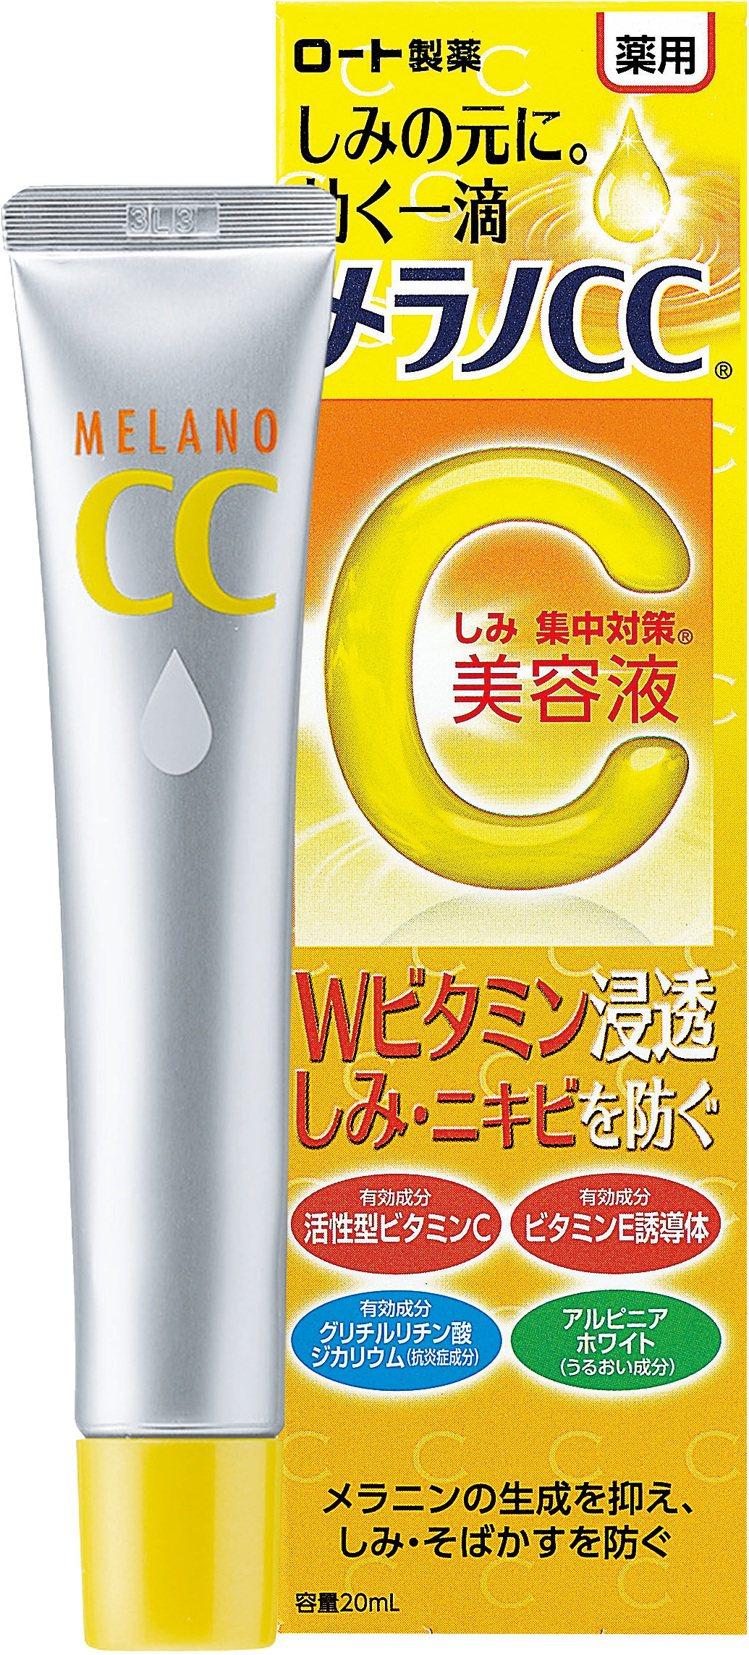 11月14日至11月20日松本清新竹一號店推出Melano CC高純度維他命C亮...